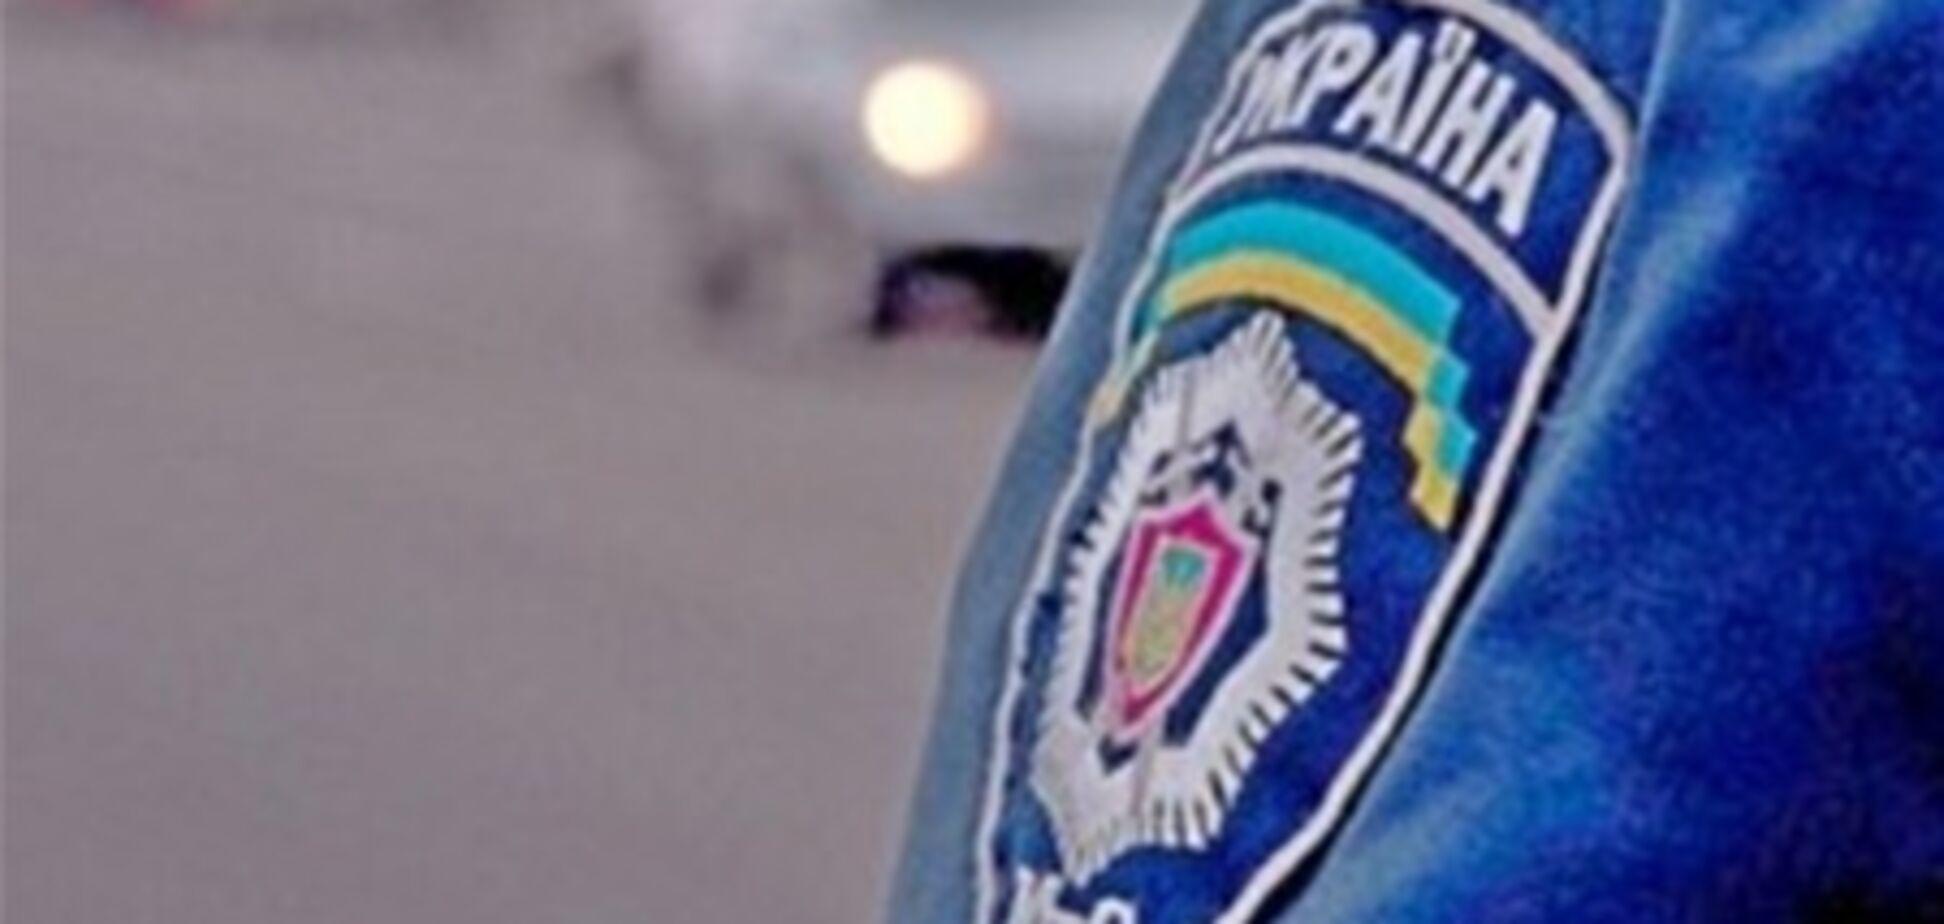 Міліція: в'їзди у Врадіївку ніхто не блокує